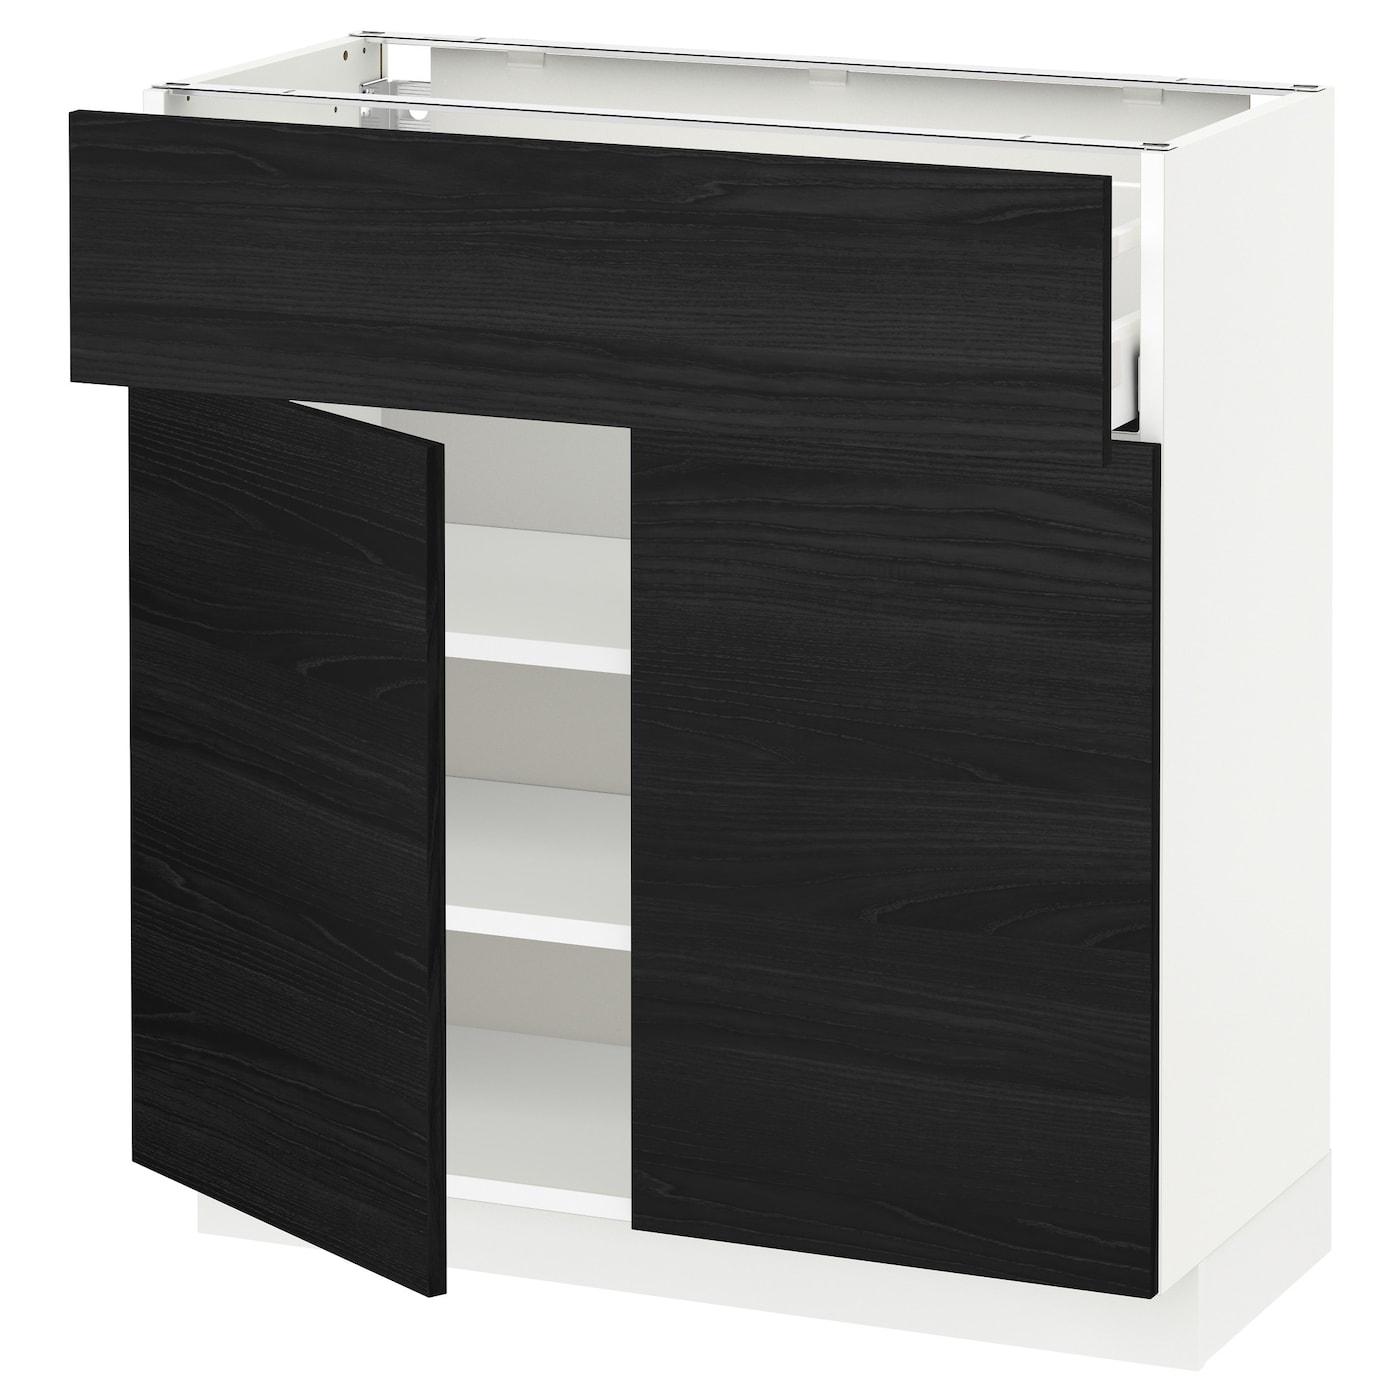 METOD / MAXIMERA, Unterschr m Schub/2 Türen, weiß, schwarz 792.725.02